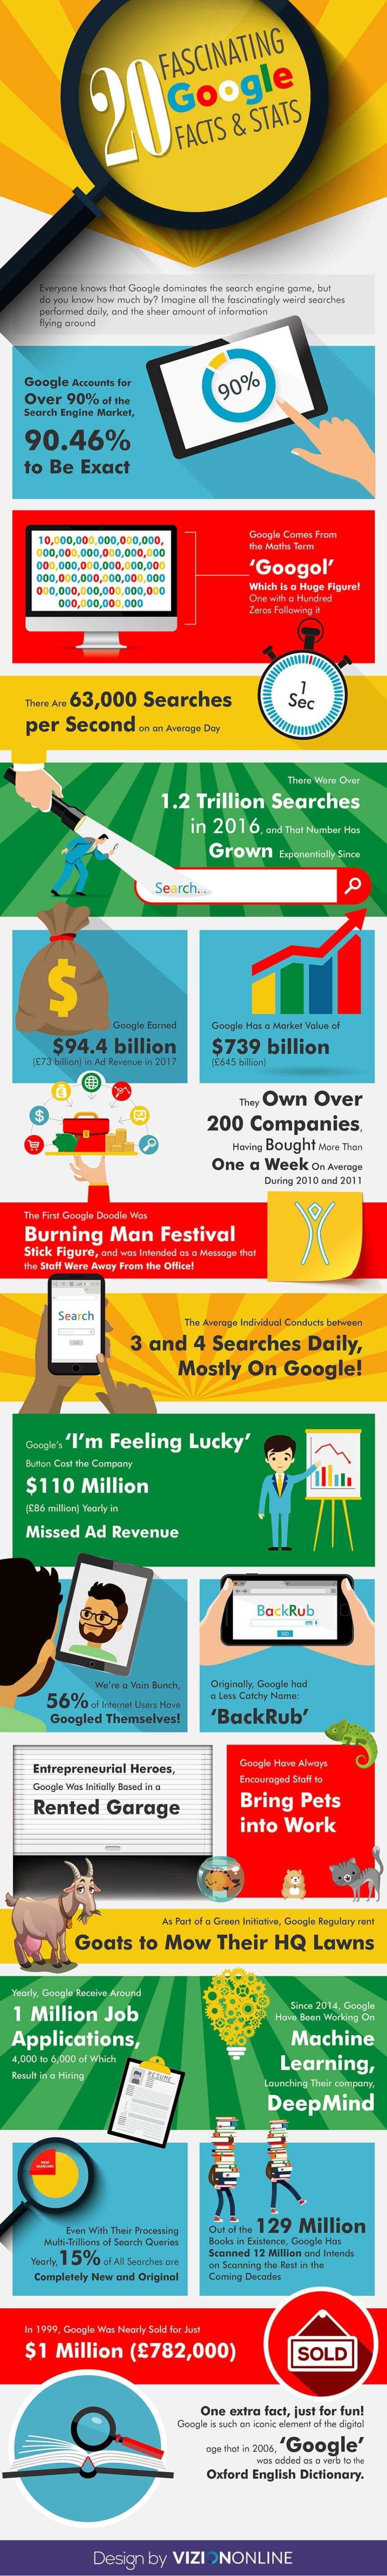 20 datos fascinantes sobre Google